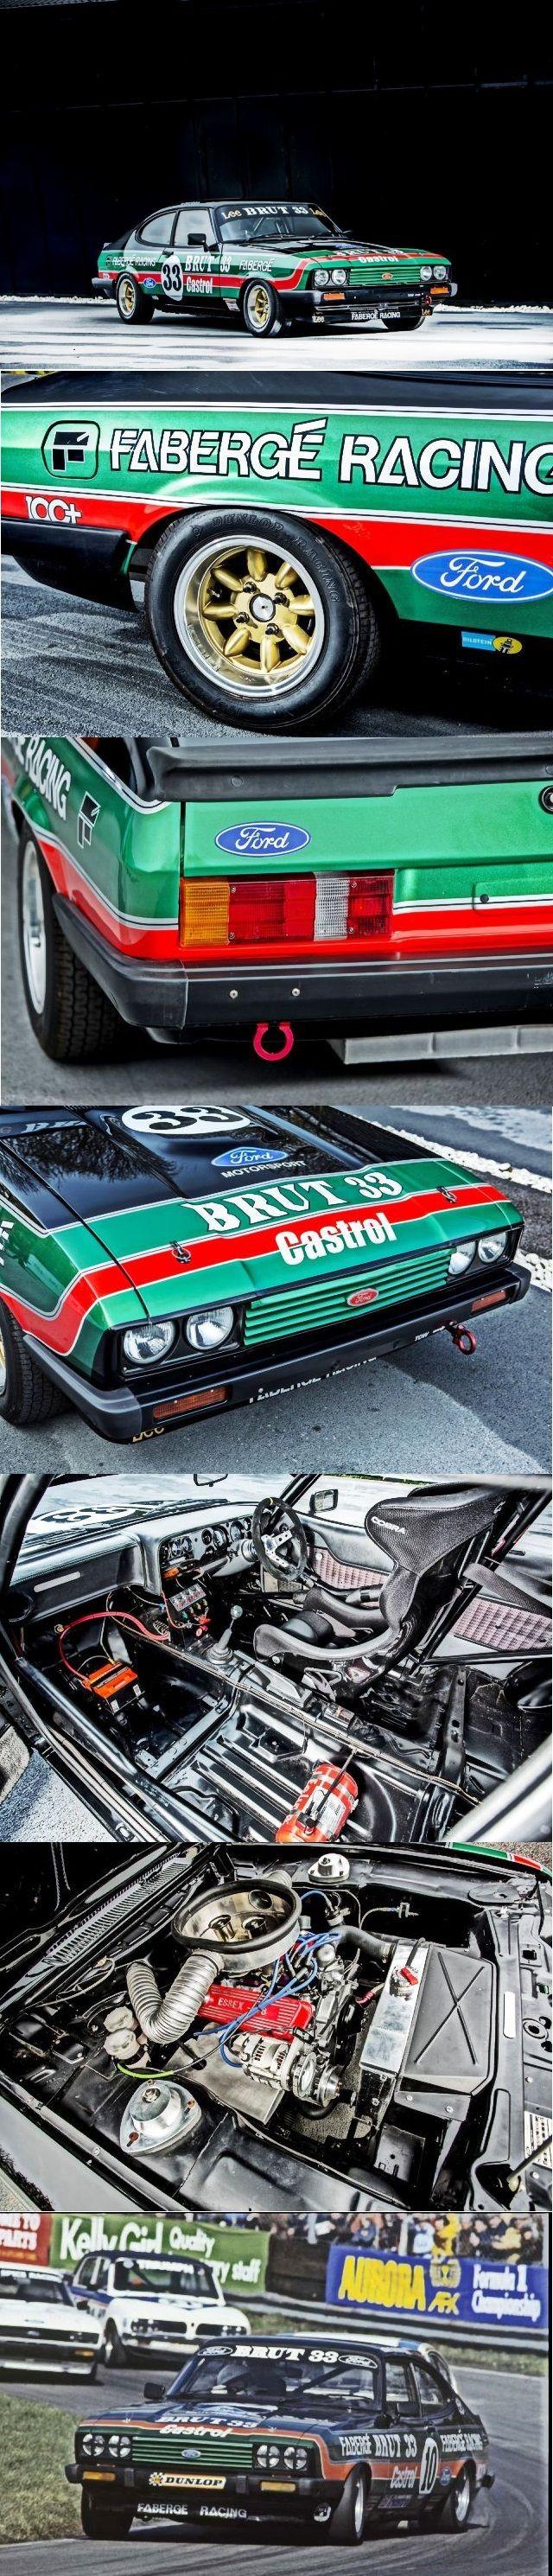 1978 Ford Capri - III 3.0S (FABERGE)